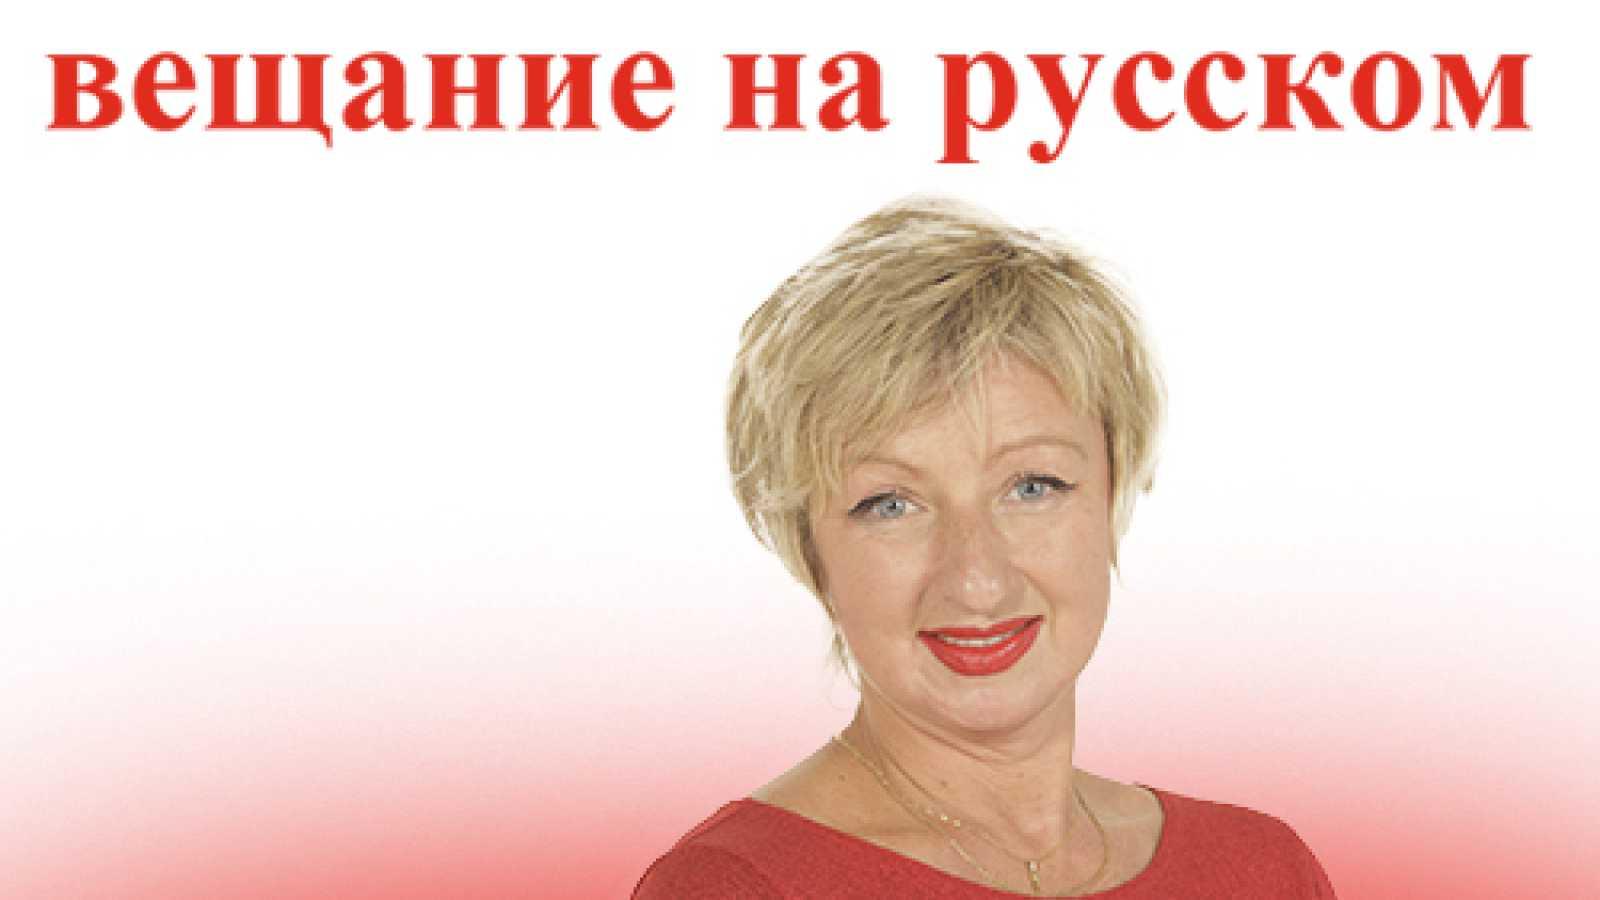 Emisión en ruso - 'La mitad de la semana' con Svetlana Demidova - 17/02/21 - escuchar ahora